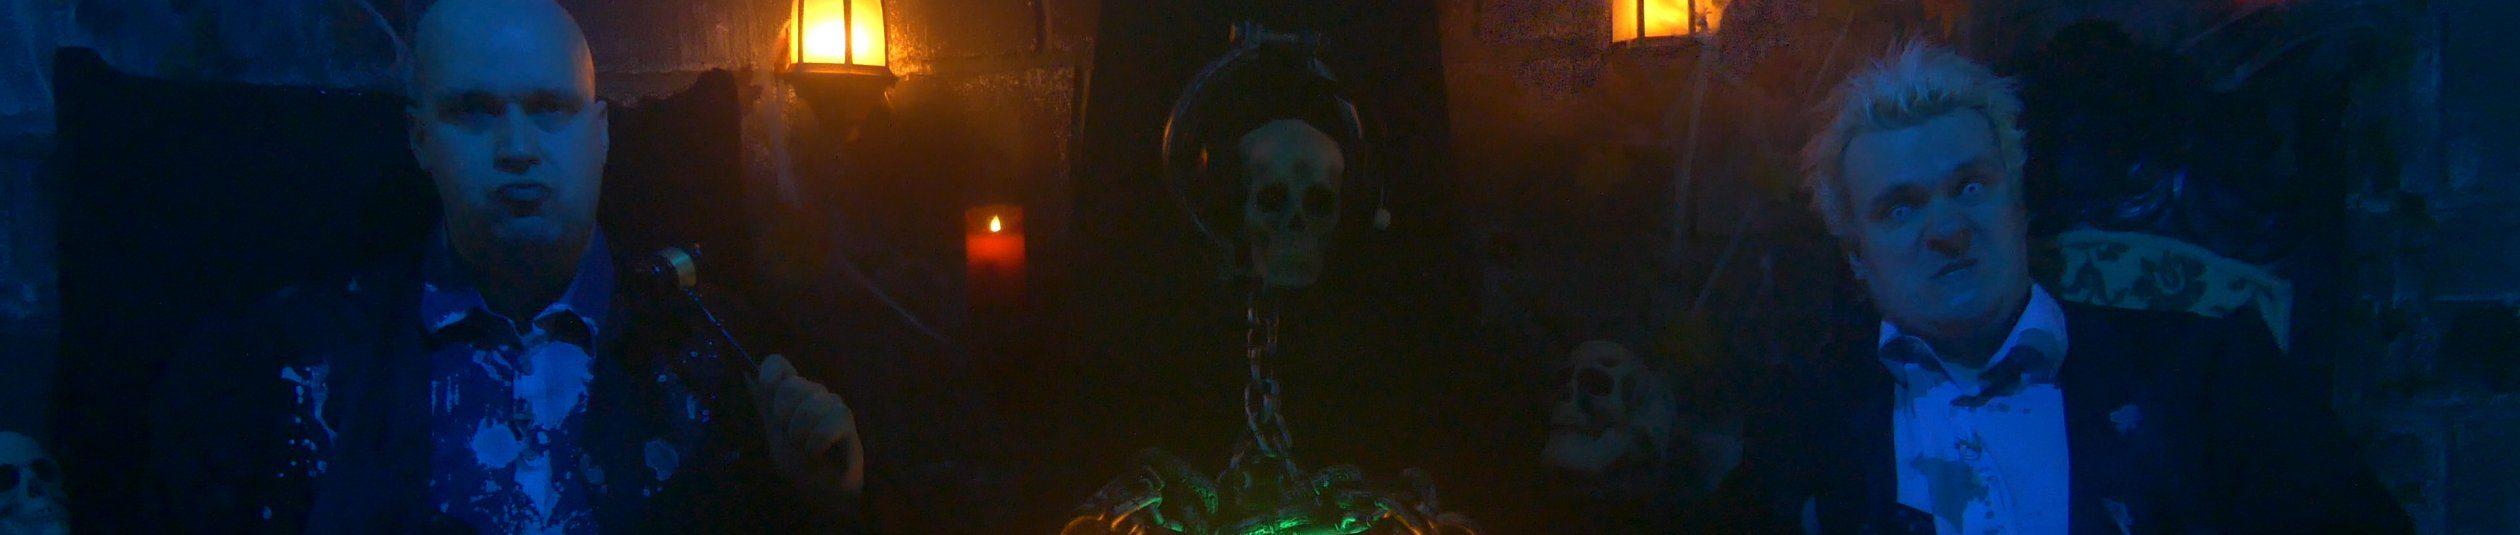 Hörspielkammer des Schreckens 10: Oscar Wilde & Mycroft Holmes 4 – Tod der Königin (Maritim)